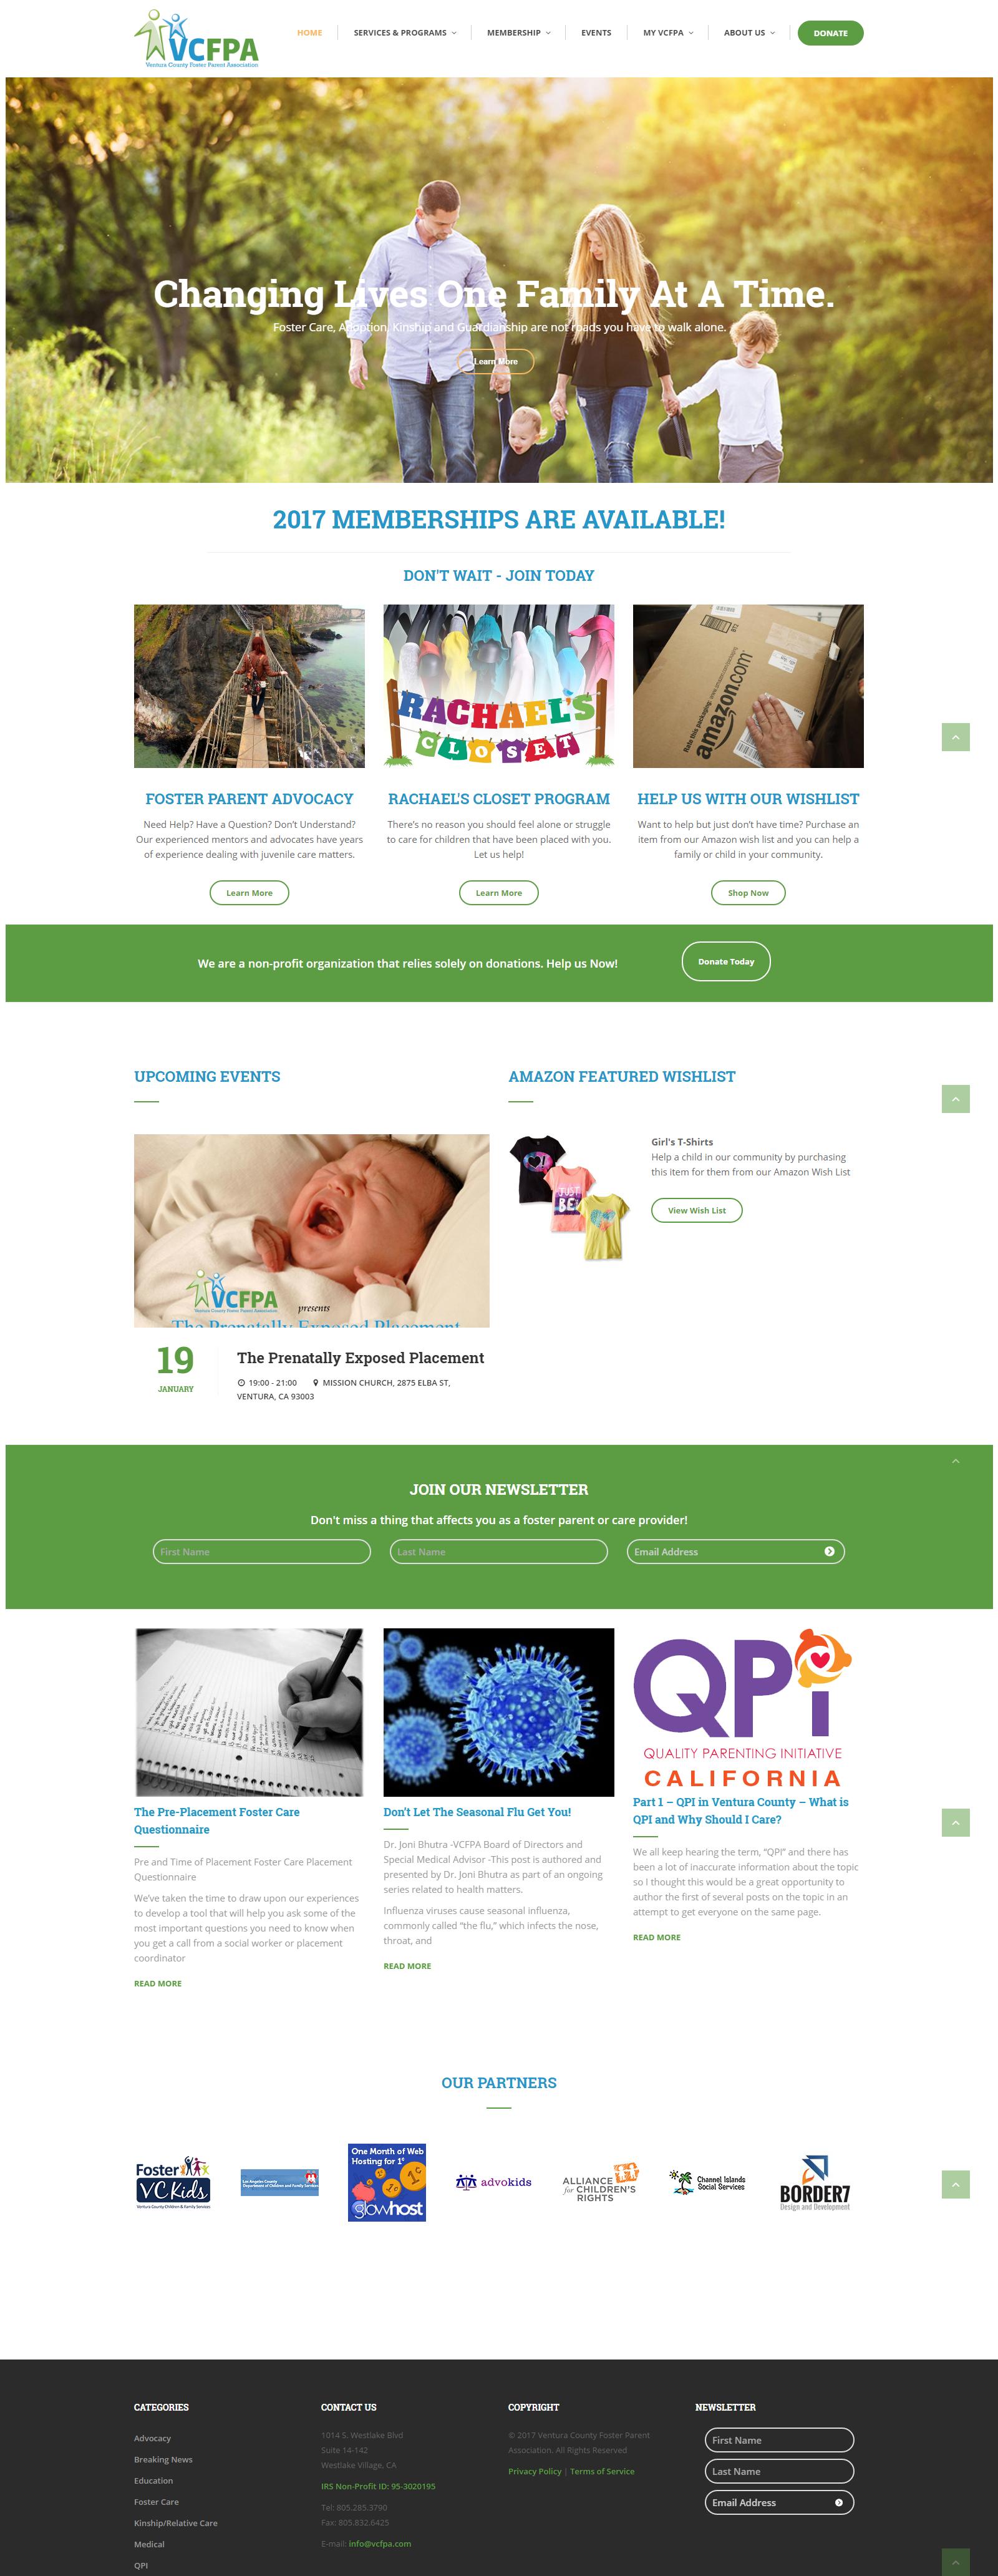 The New VCFPA.com